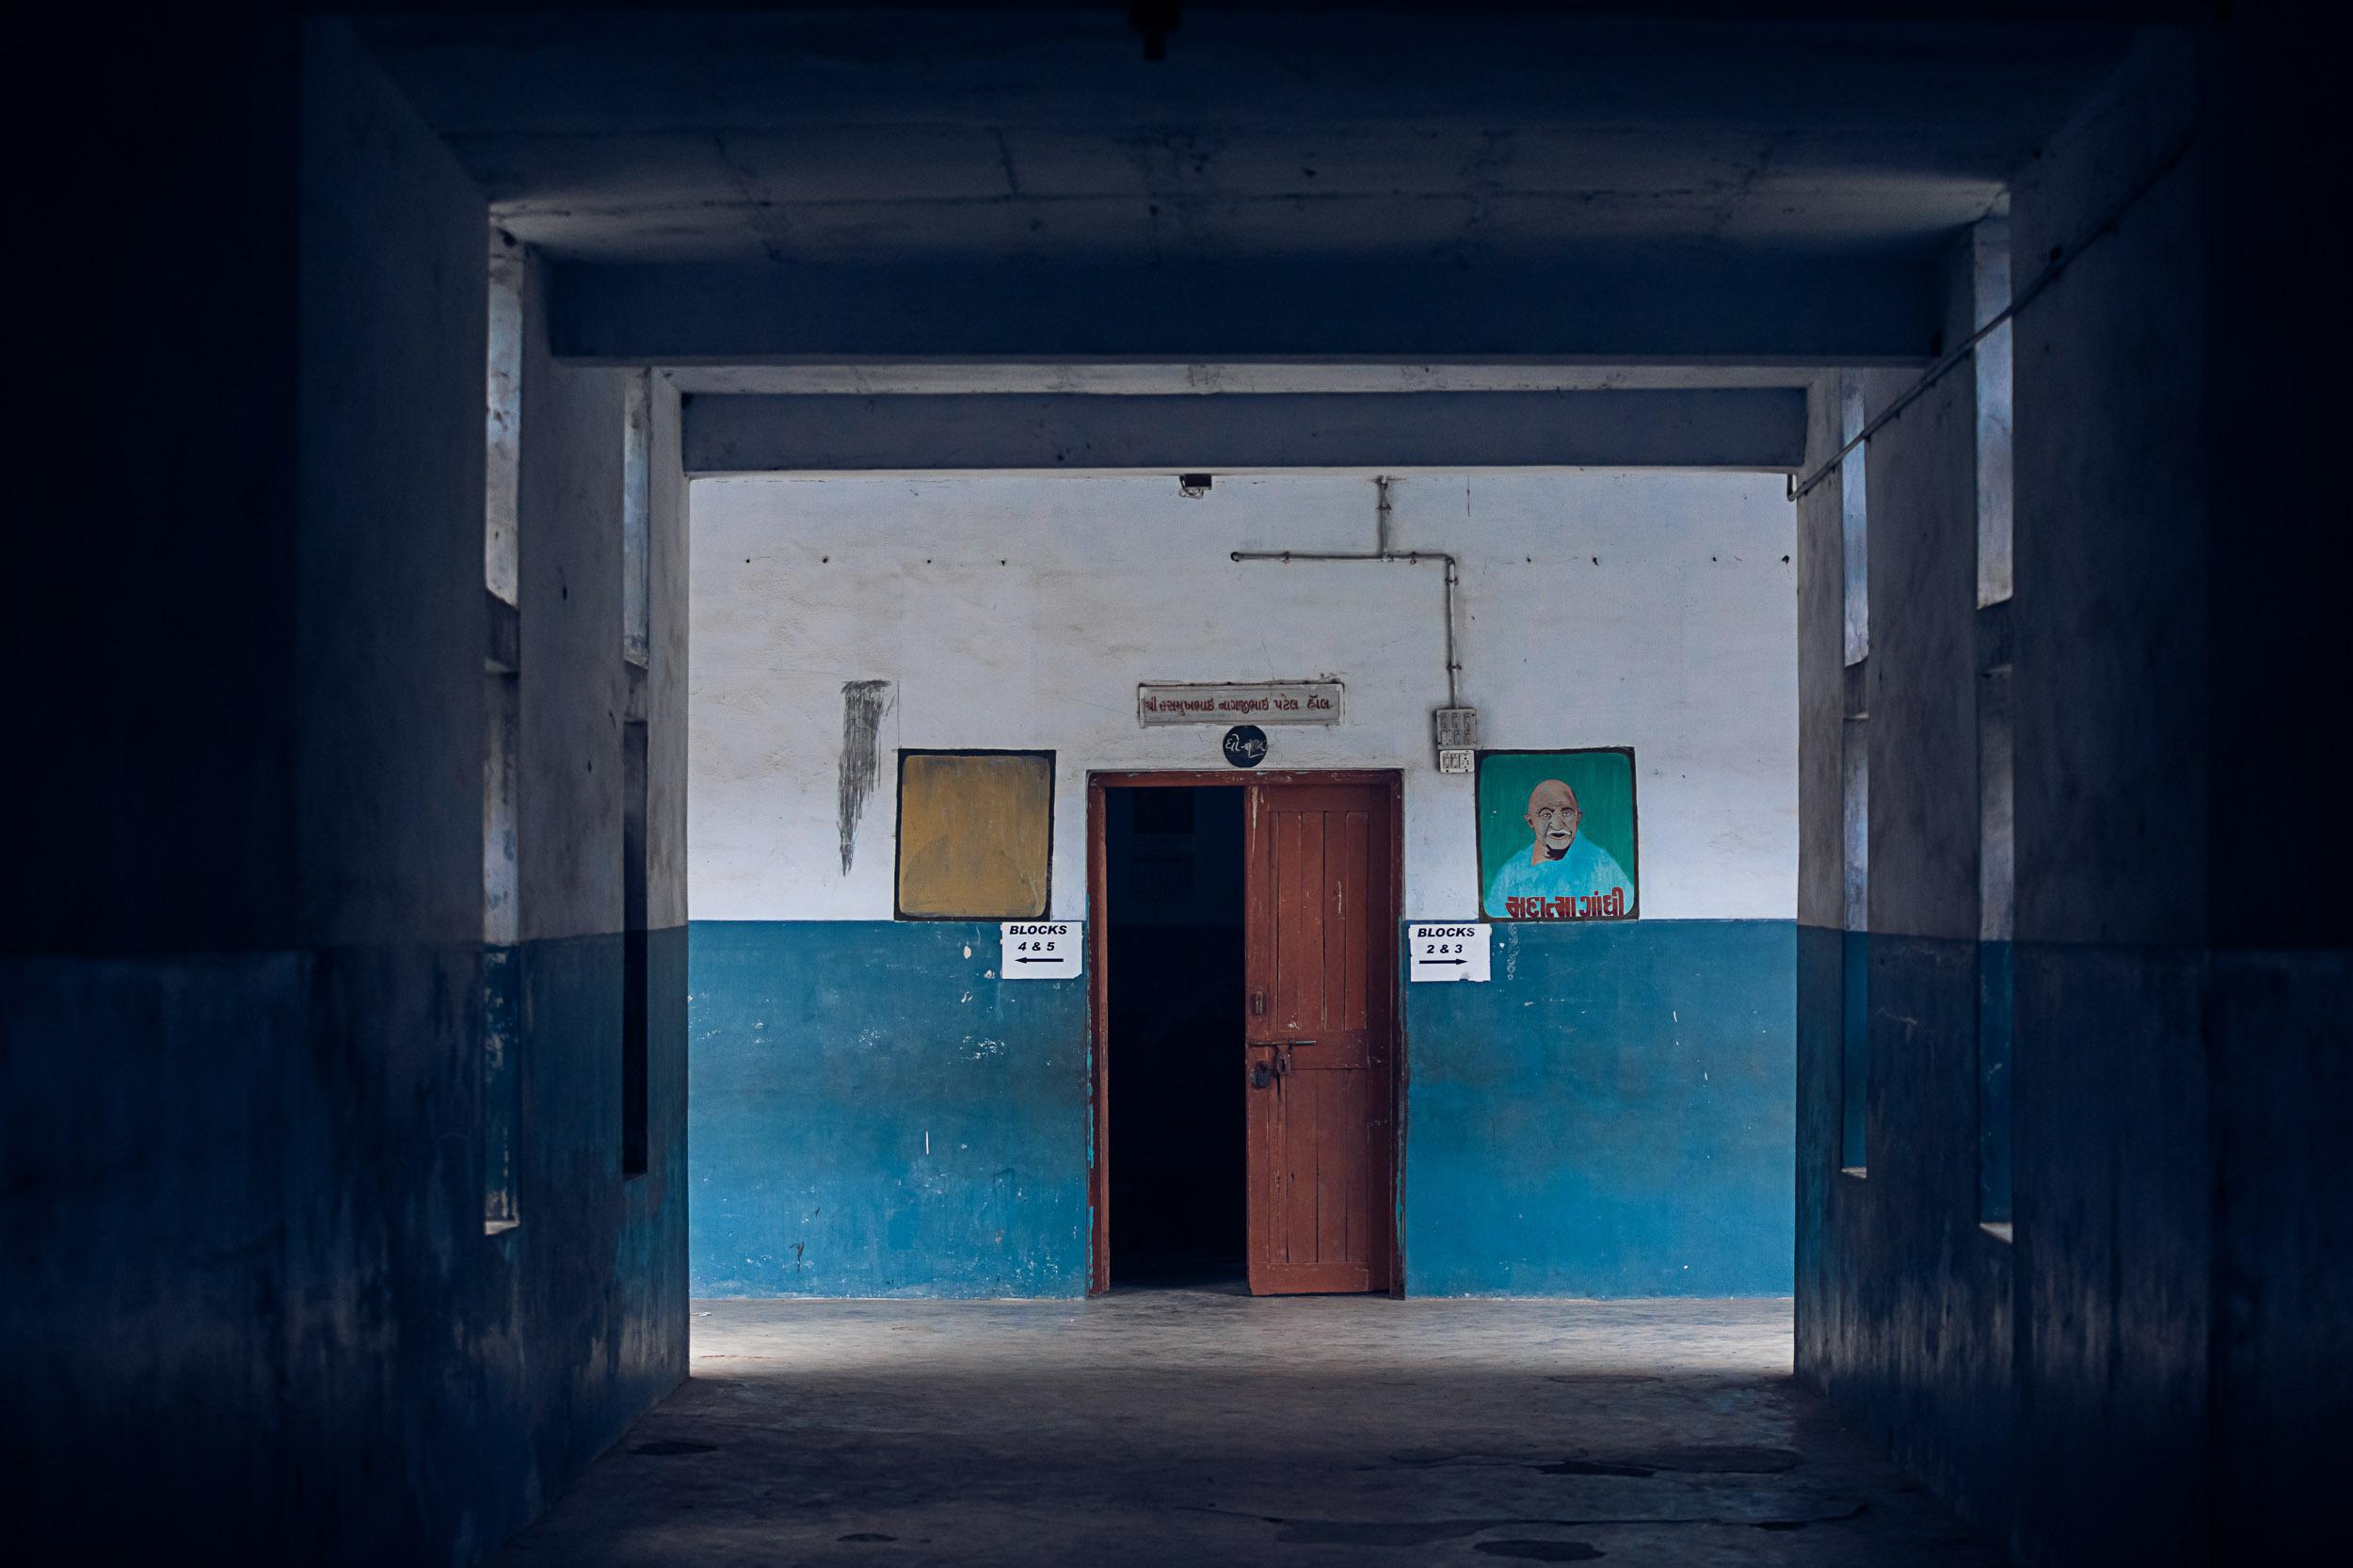 Sindhur_Photography_Narratives_Akshayapatra-68.JPG